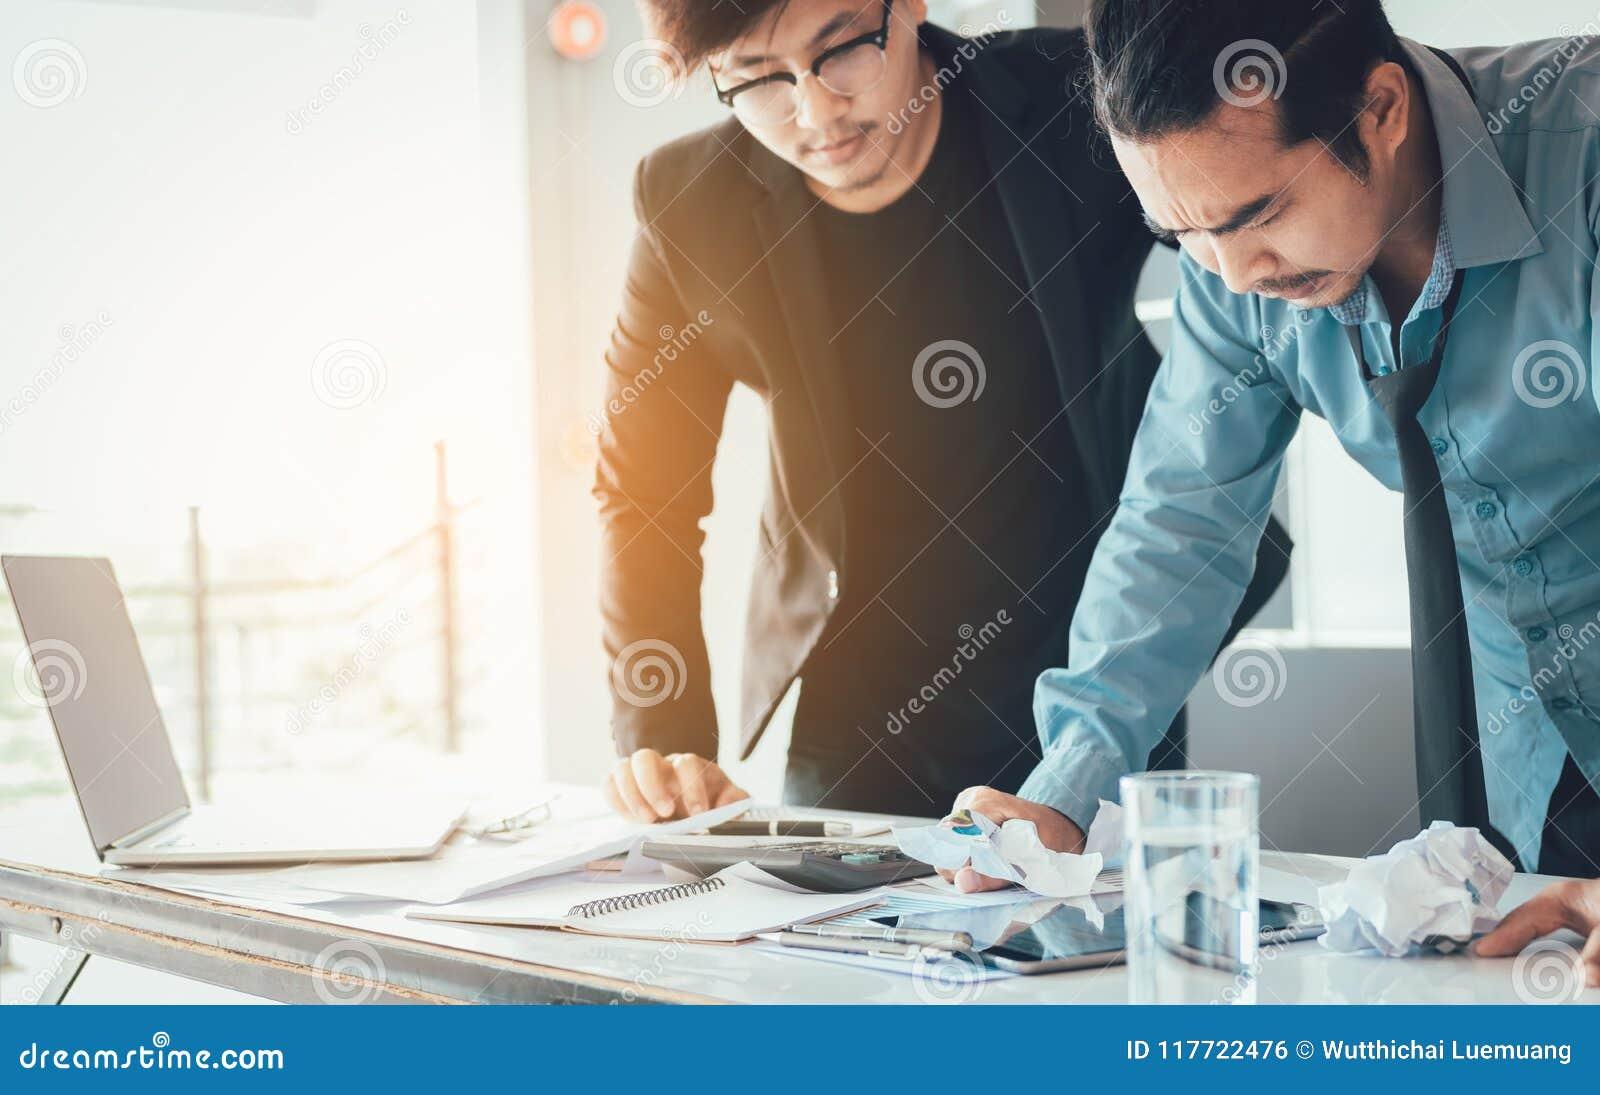 Subrayan a los hombres de negocios sobre su trabajo en la oficina